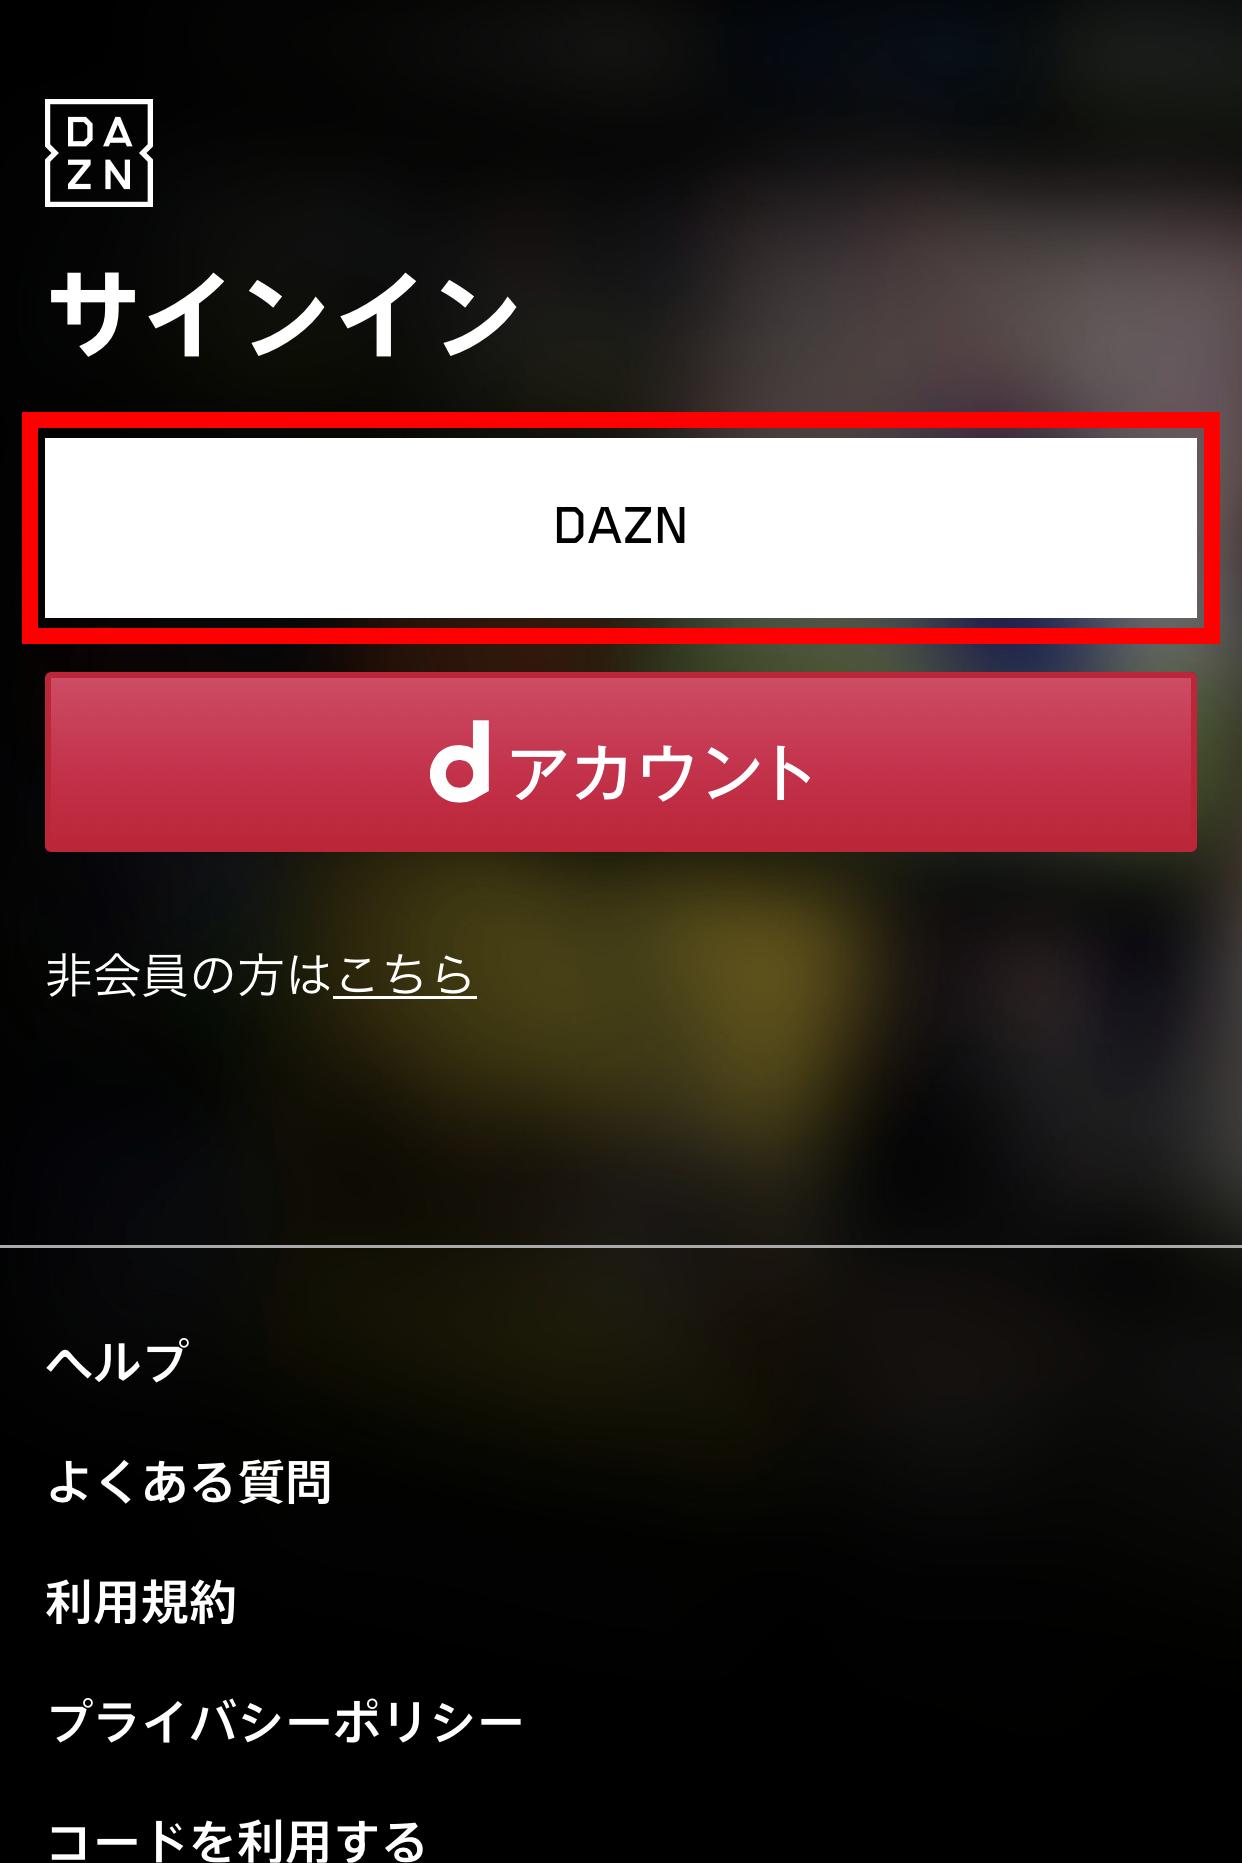 サインイン画面のDAZNボタンを押します